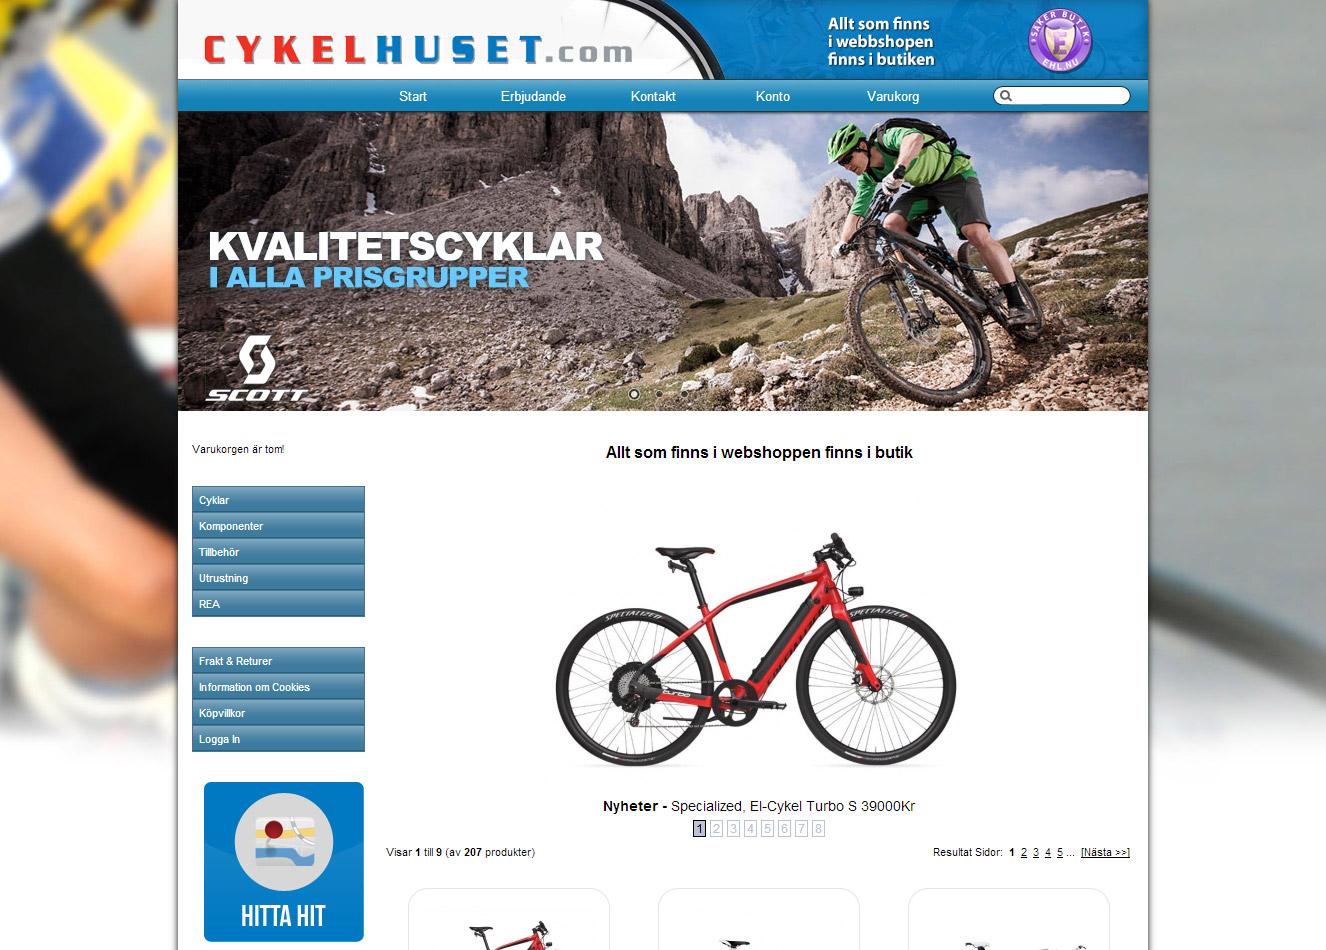 Cykelhuset